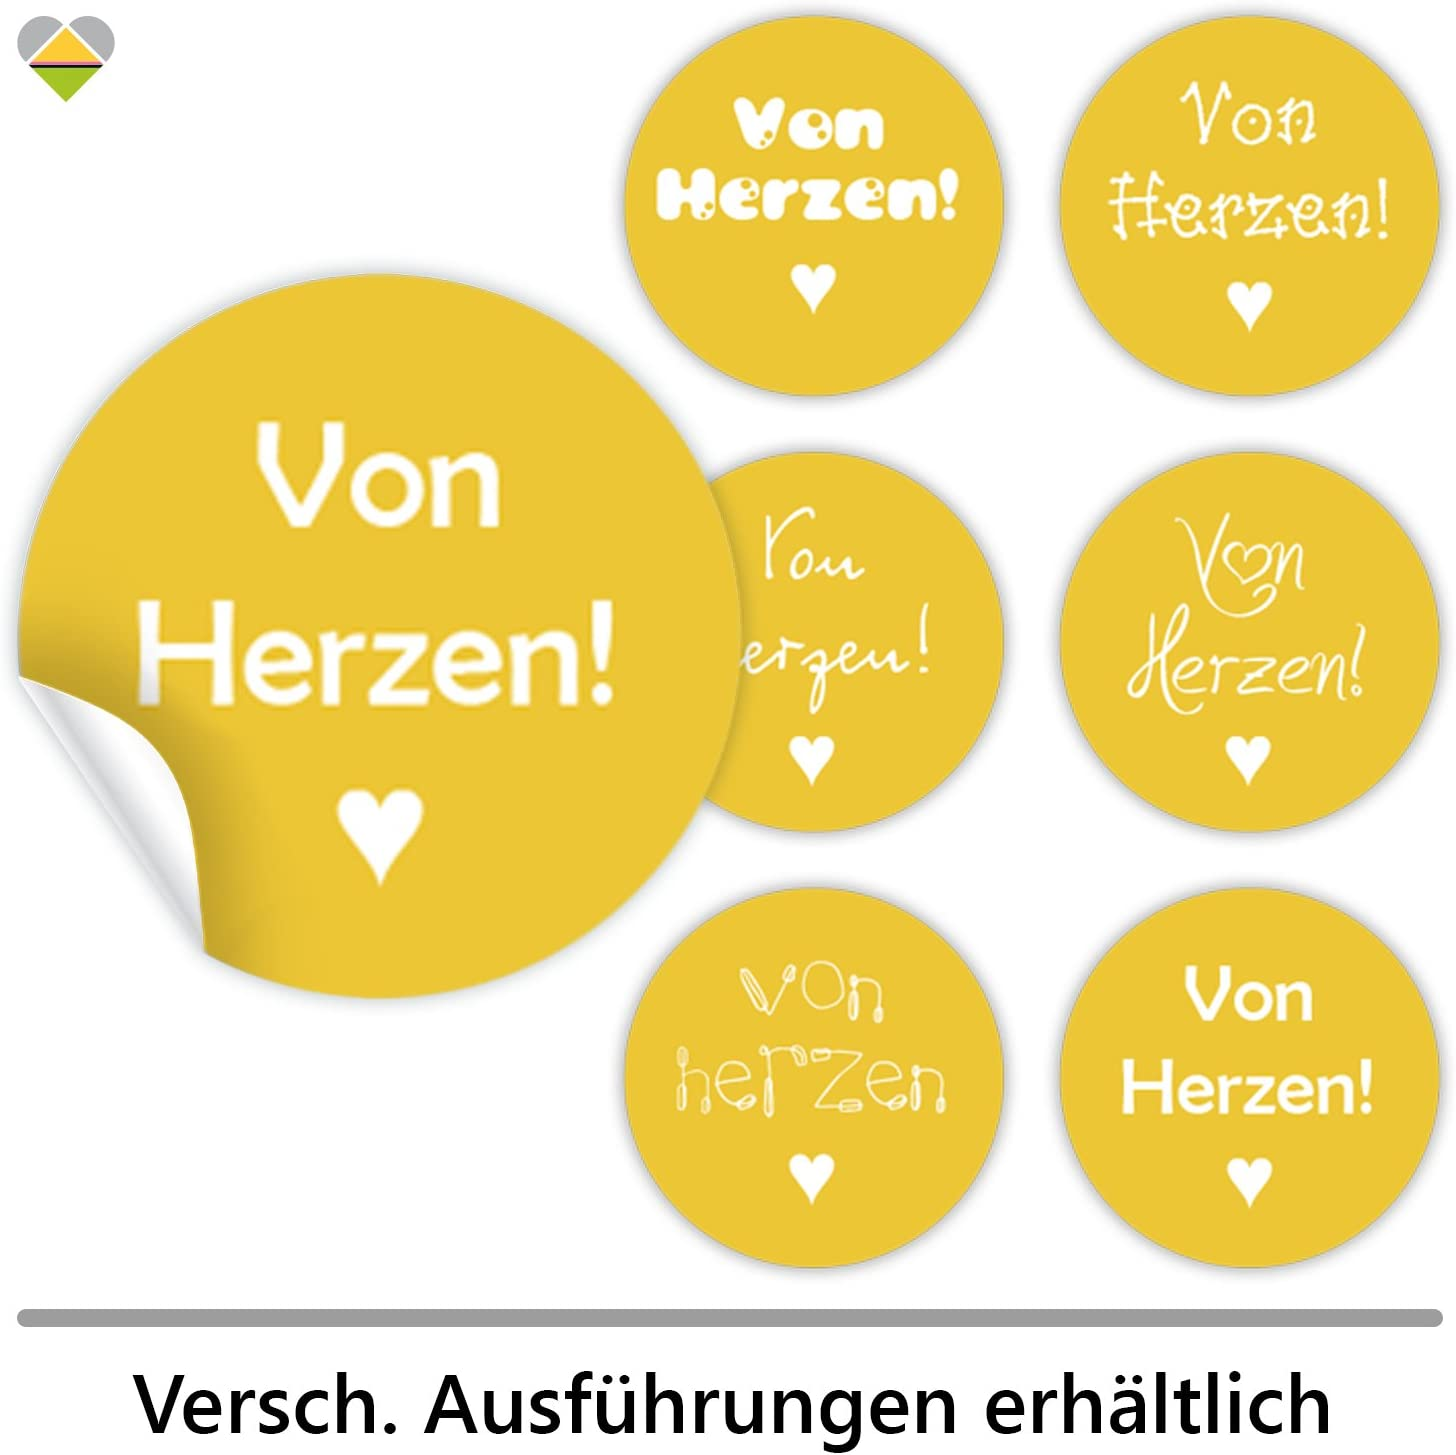 F00029-01 Selbstklebend Rund cute-head 24 Schmucketiketten von Herzen M /» /Ø 40 mm Spruch Wei/ß